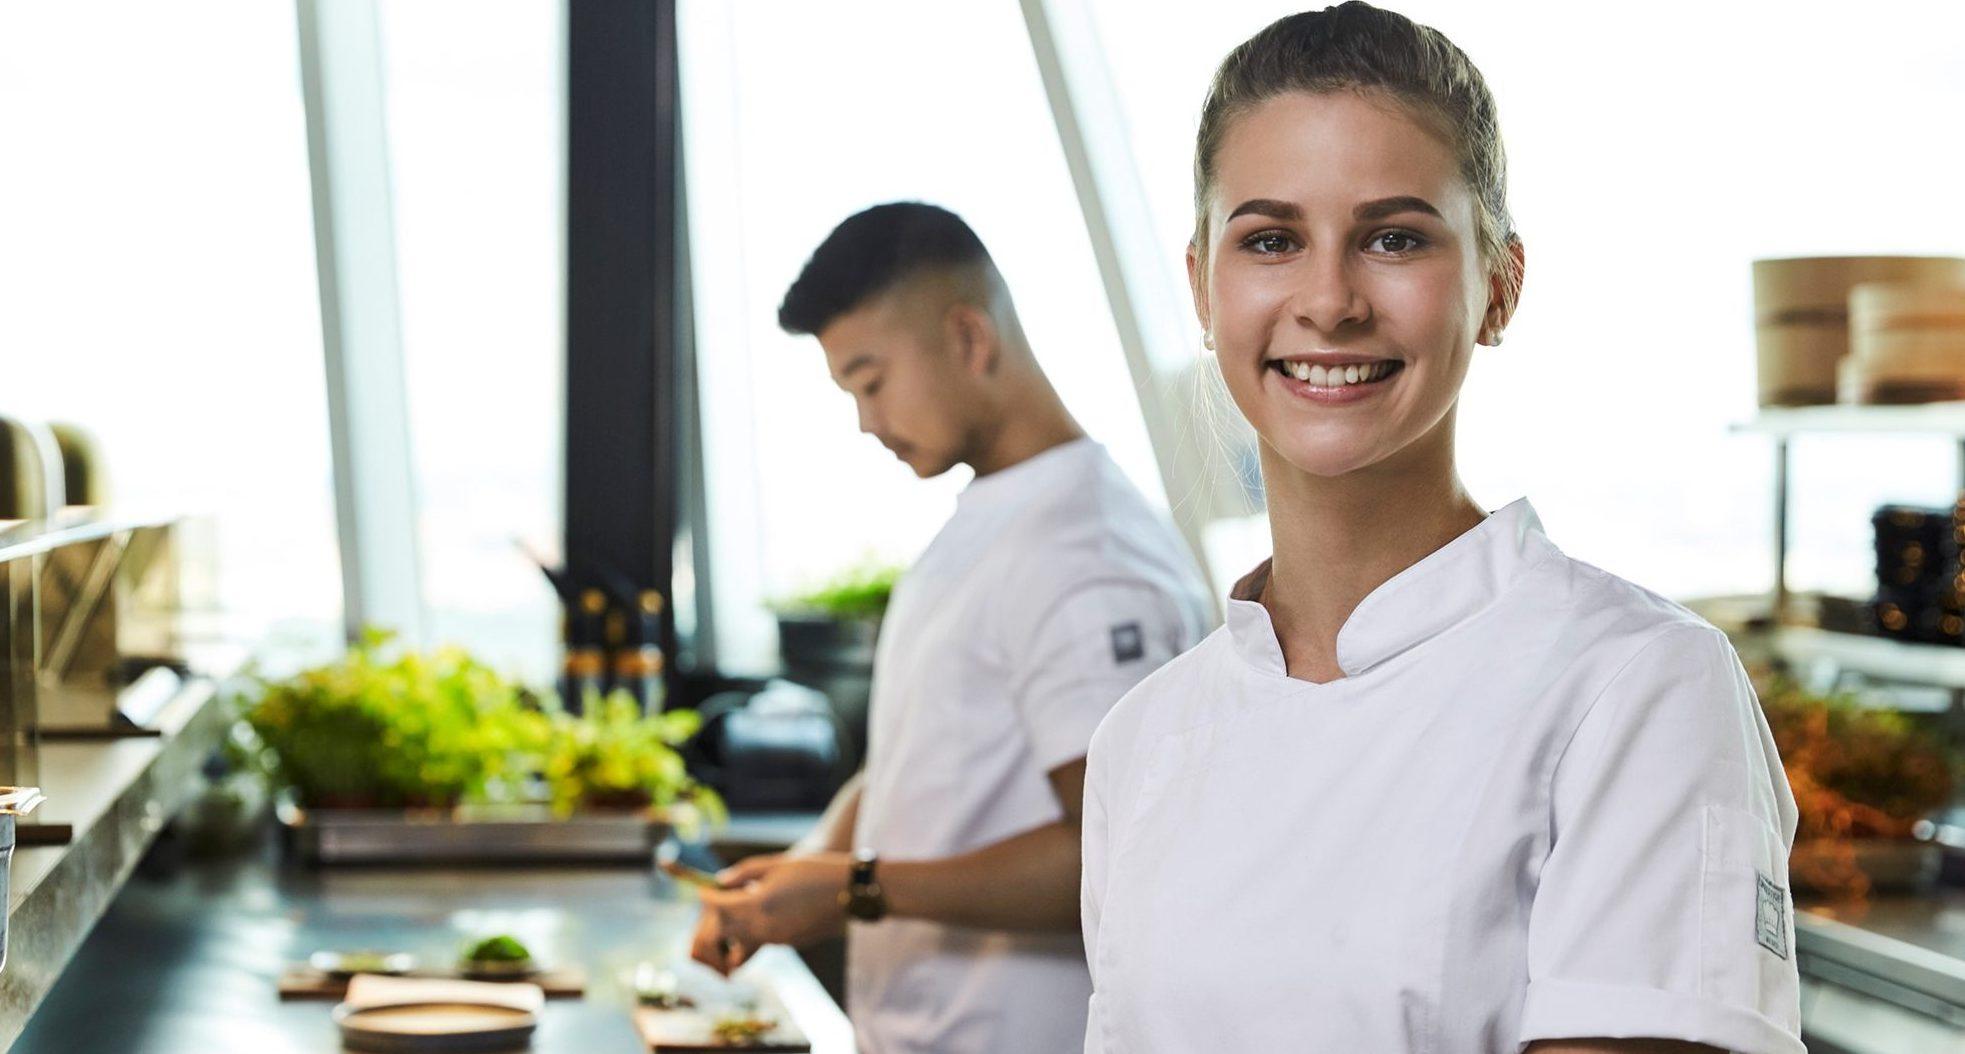 """To af ambassadørerne i """"Hospitality Career""""-kampagnen: Christian Wellendorf, holdkaptajn på Kokkelandsholdet og Cathrine Ditlevsen, kokkeelev, Restaurant Remouladen. Foto: Horesta"""